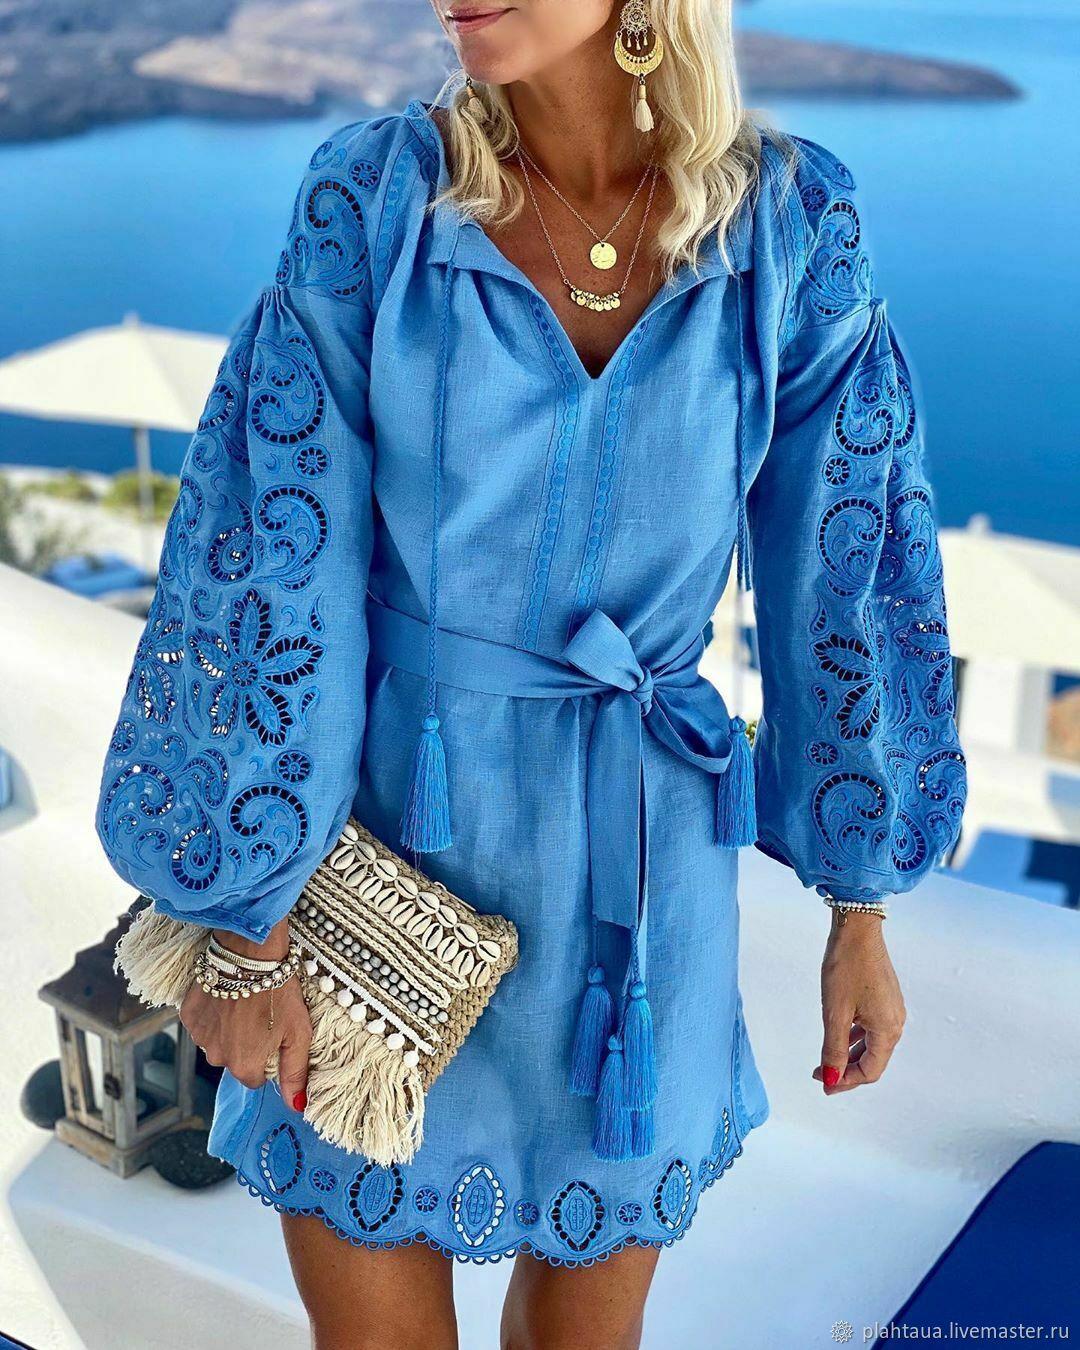 """Голубое платье с вышивкой ришелье """"Элегия моря"""", Платья, Киев,  Фото №1"""